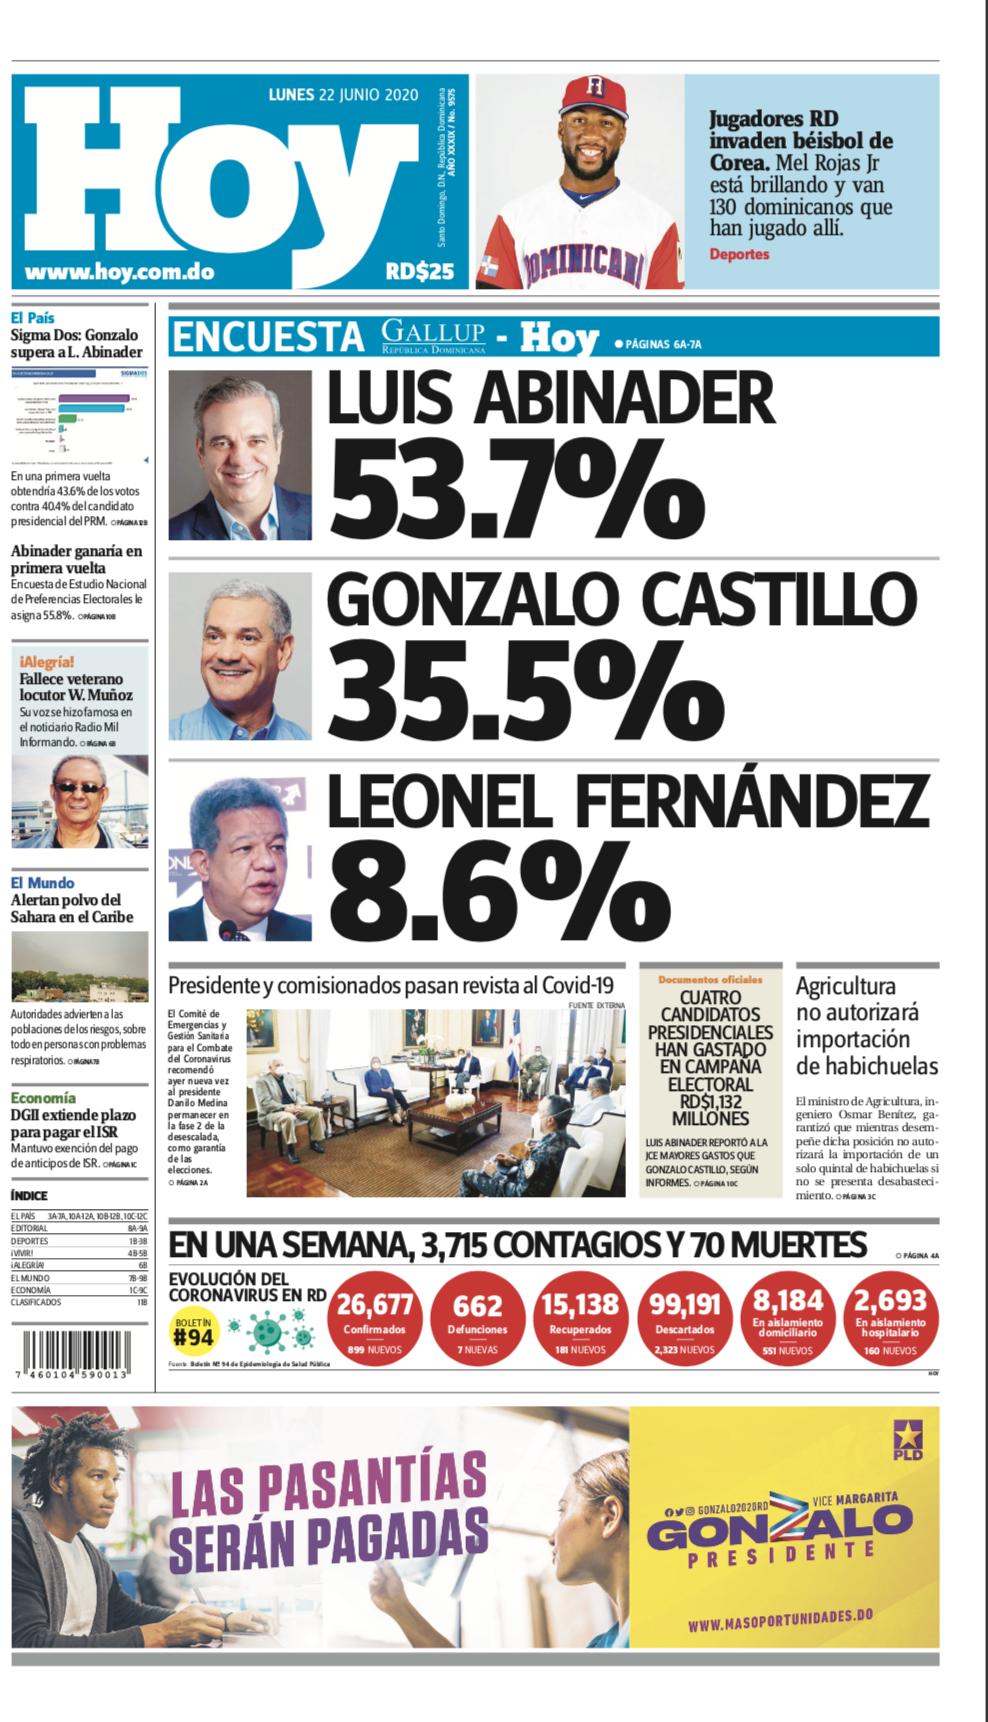 Edición impresa hoy lunes 22 de junio